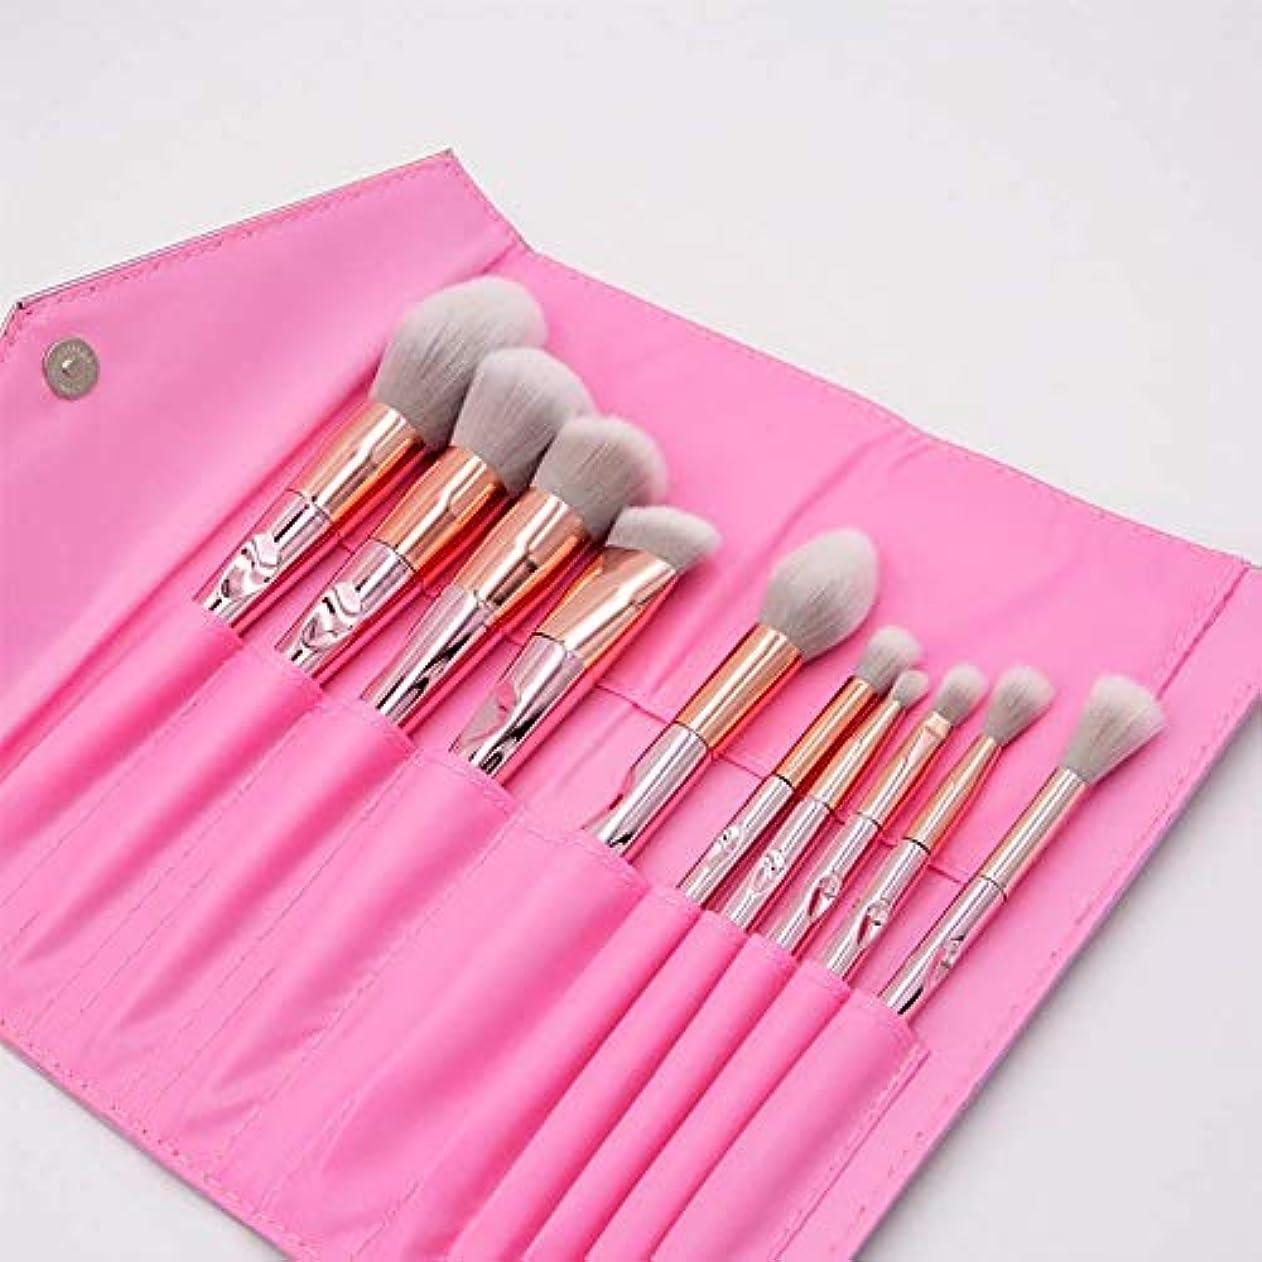 運河大砲またね化粧ブラシ、プロの合成ビーガンメイクアップブラシファンデーションブラッシュアイライナーアイシャドウ化粧ブラシセット化粧品袋付き(10個、ピンク)